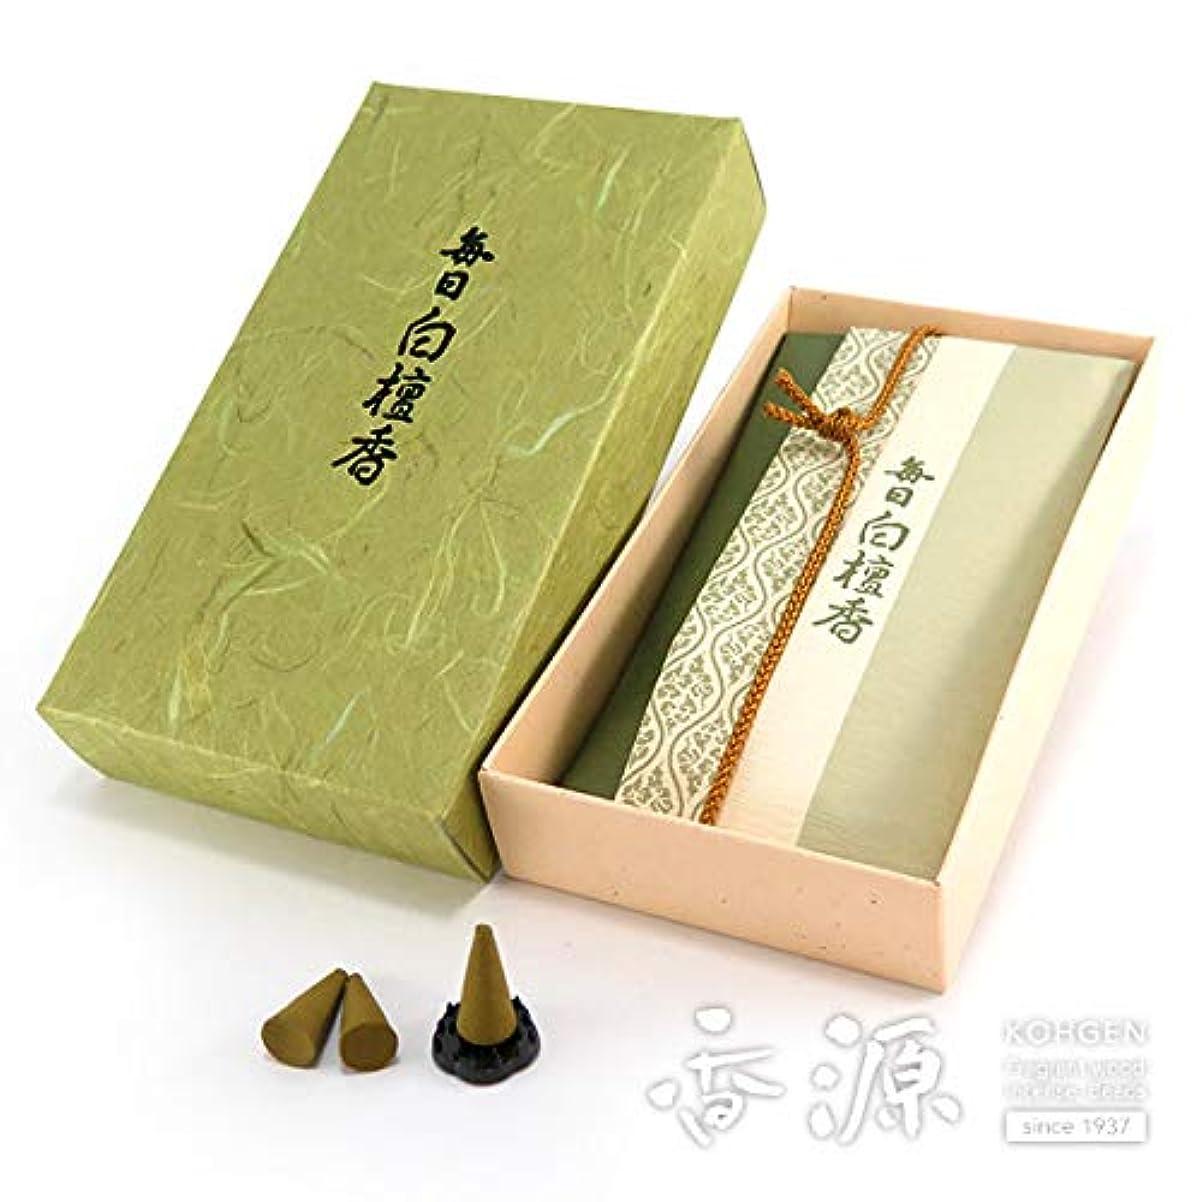 バーター小康する日本香堂のお香 白檀の定番 毎日白檀香 コーン型24個入